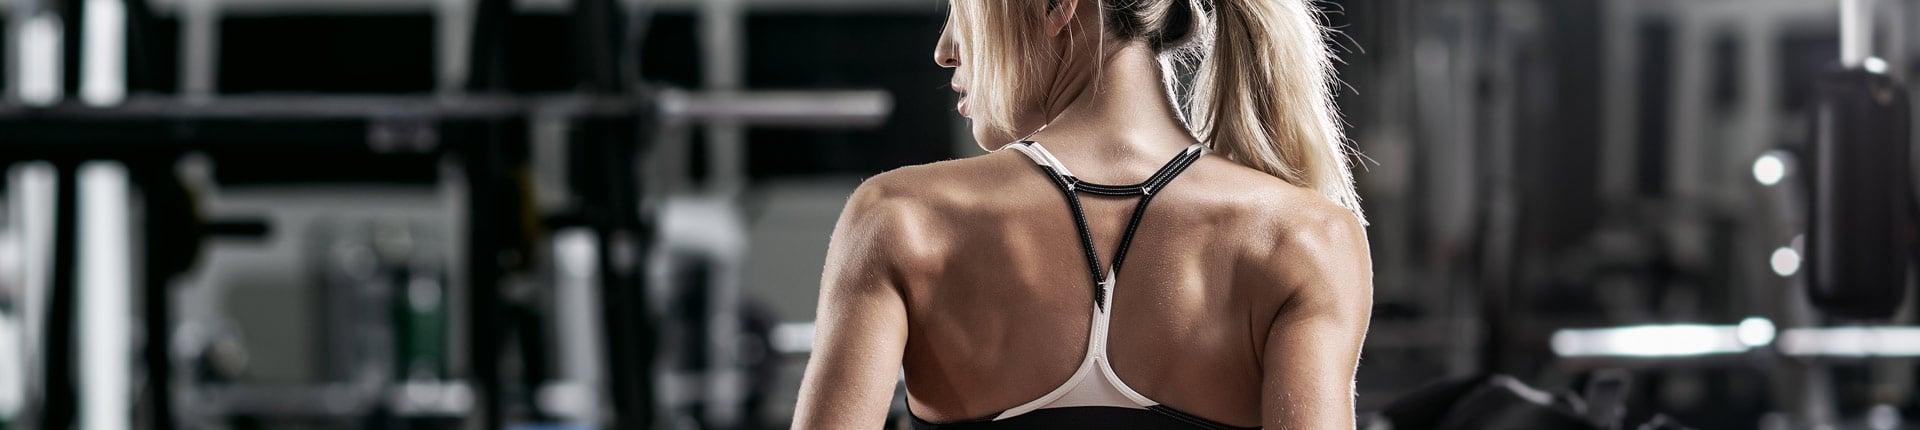 Kiedy warto zmienić plan treningowy fitness?